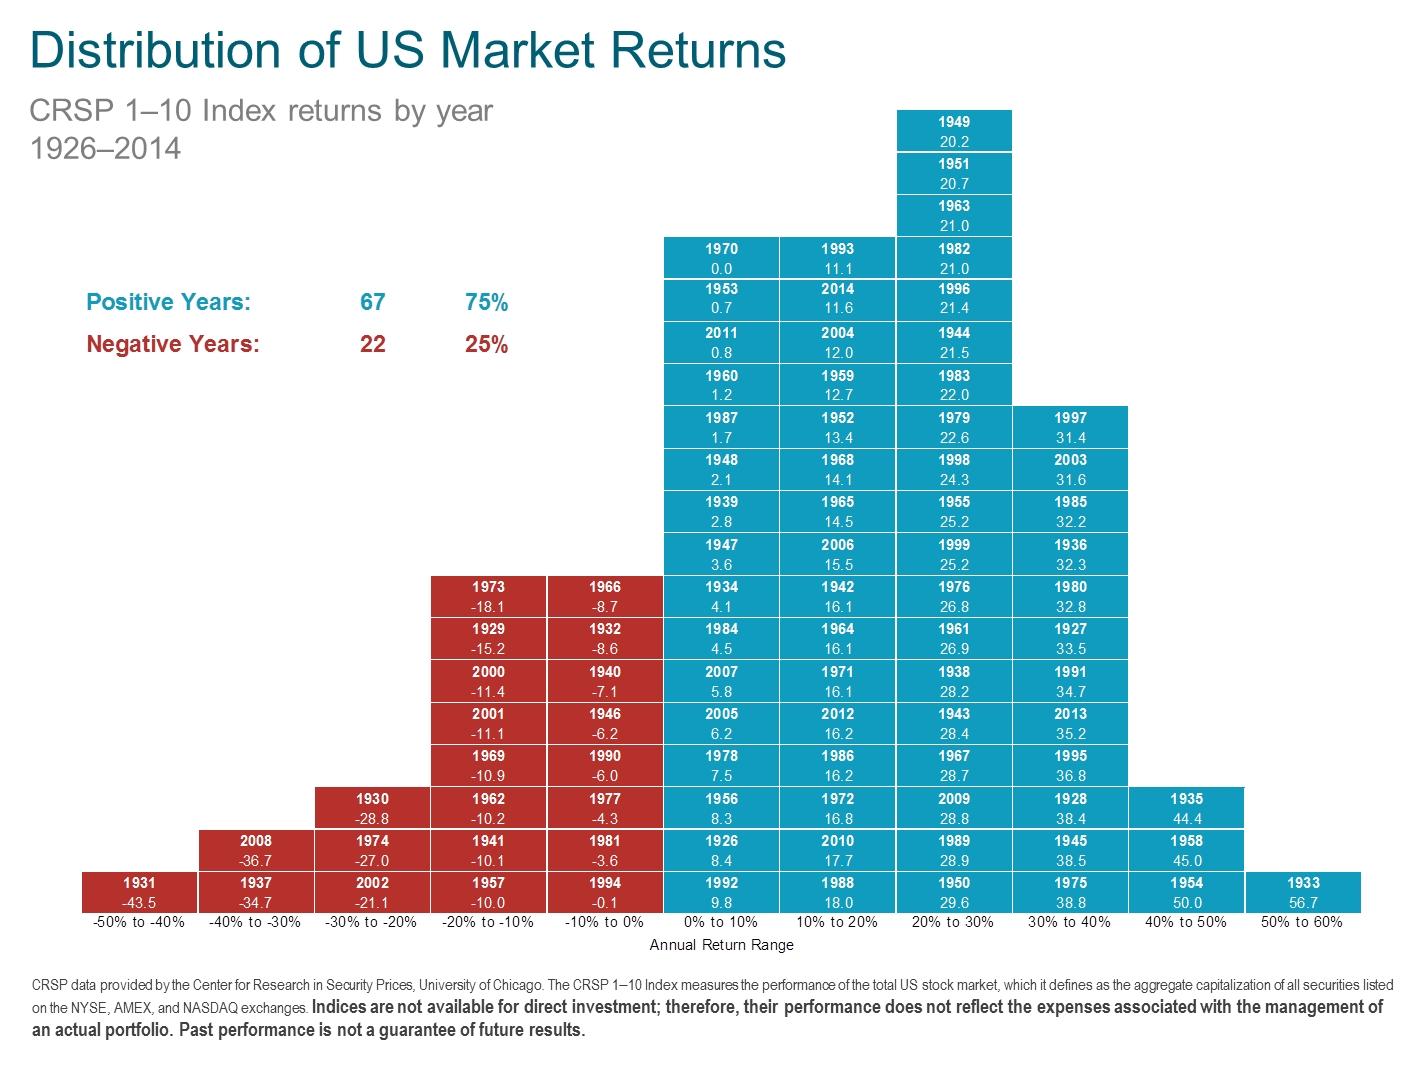 Distribution of US Market returns 1926-2014